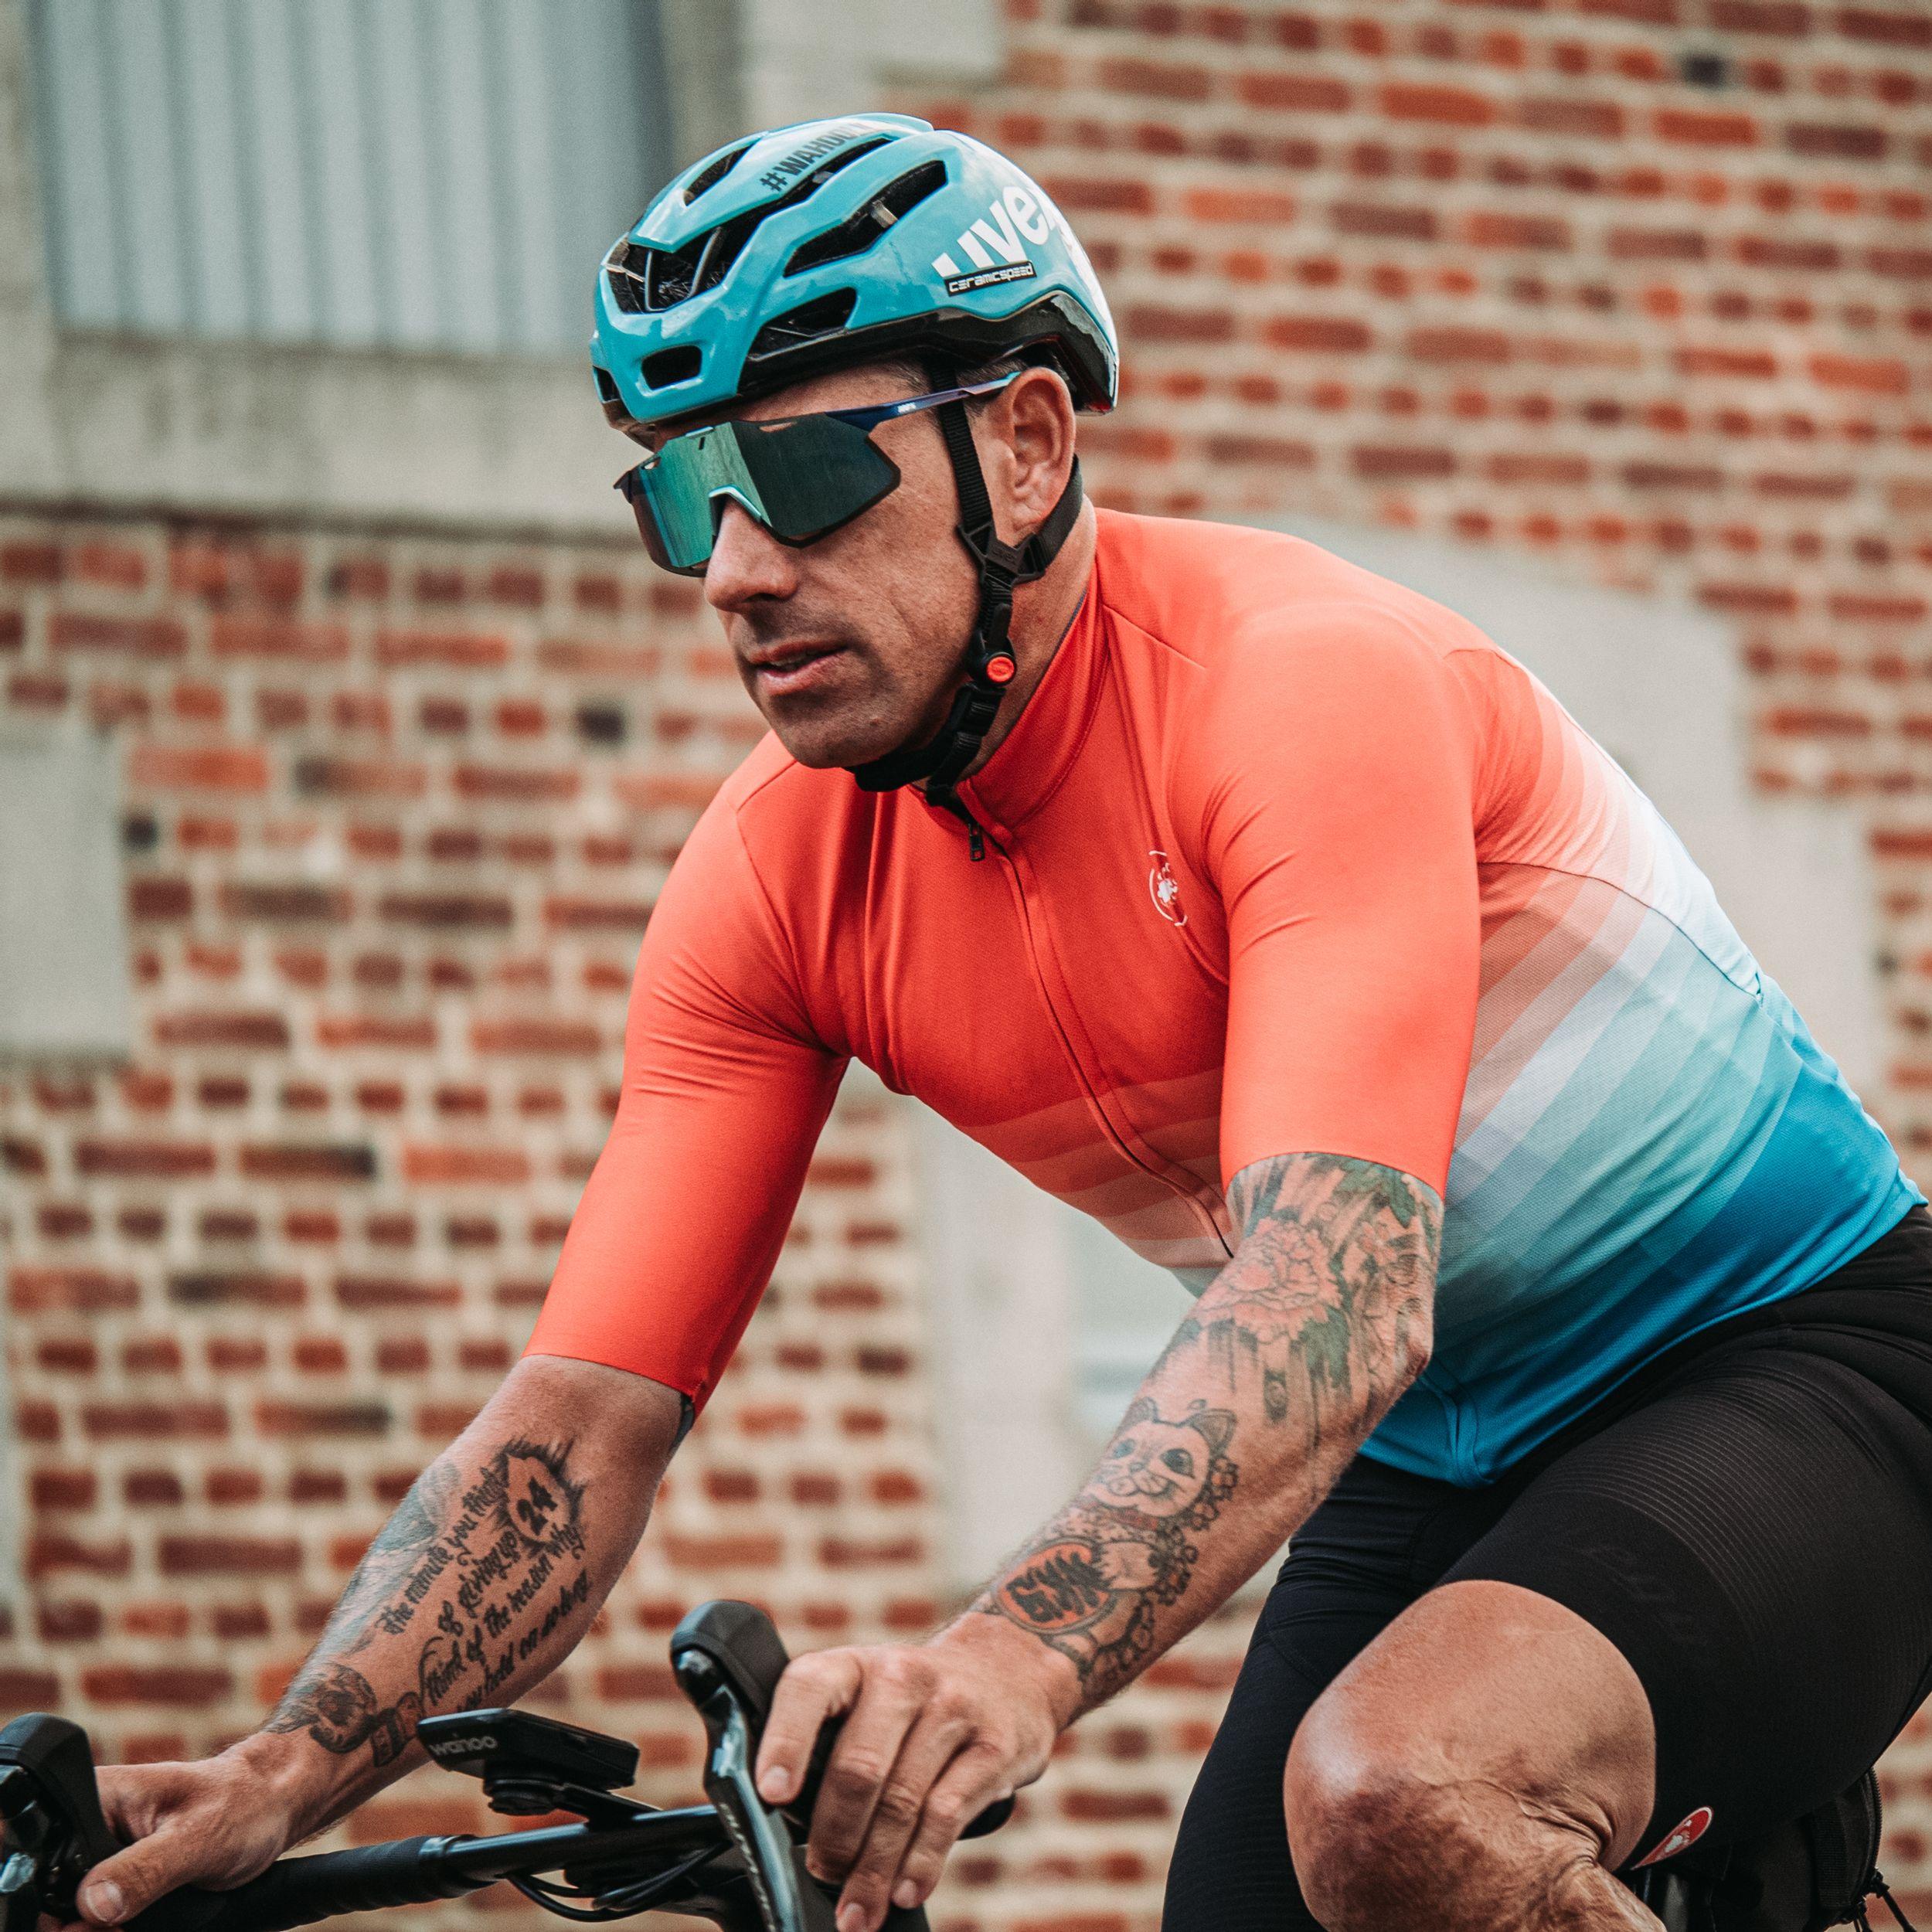 Castelli Scoppio fietsshirt Beperkte Editie